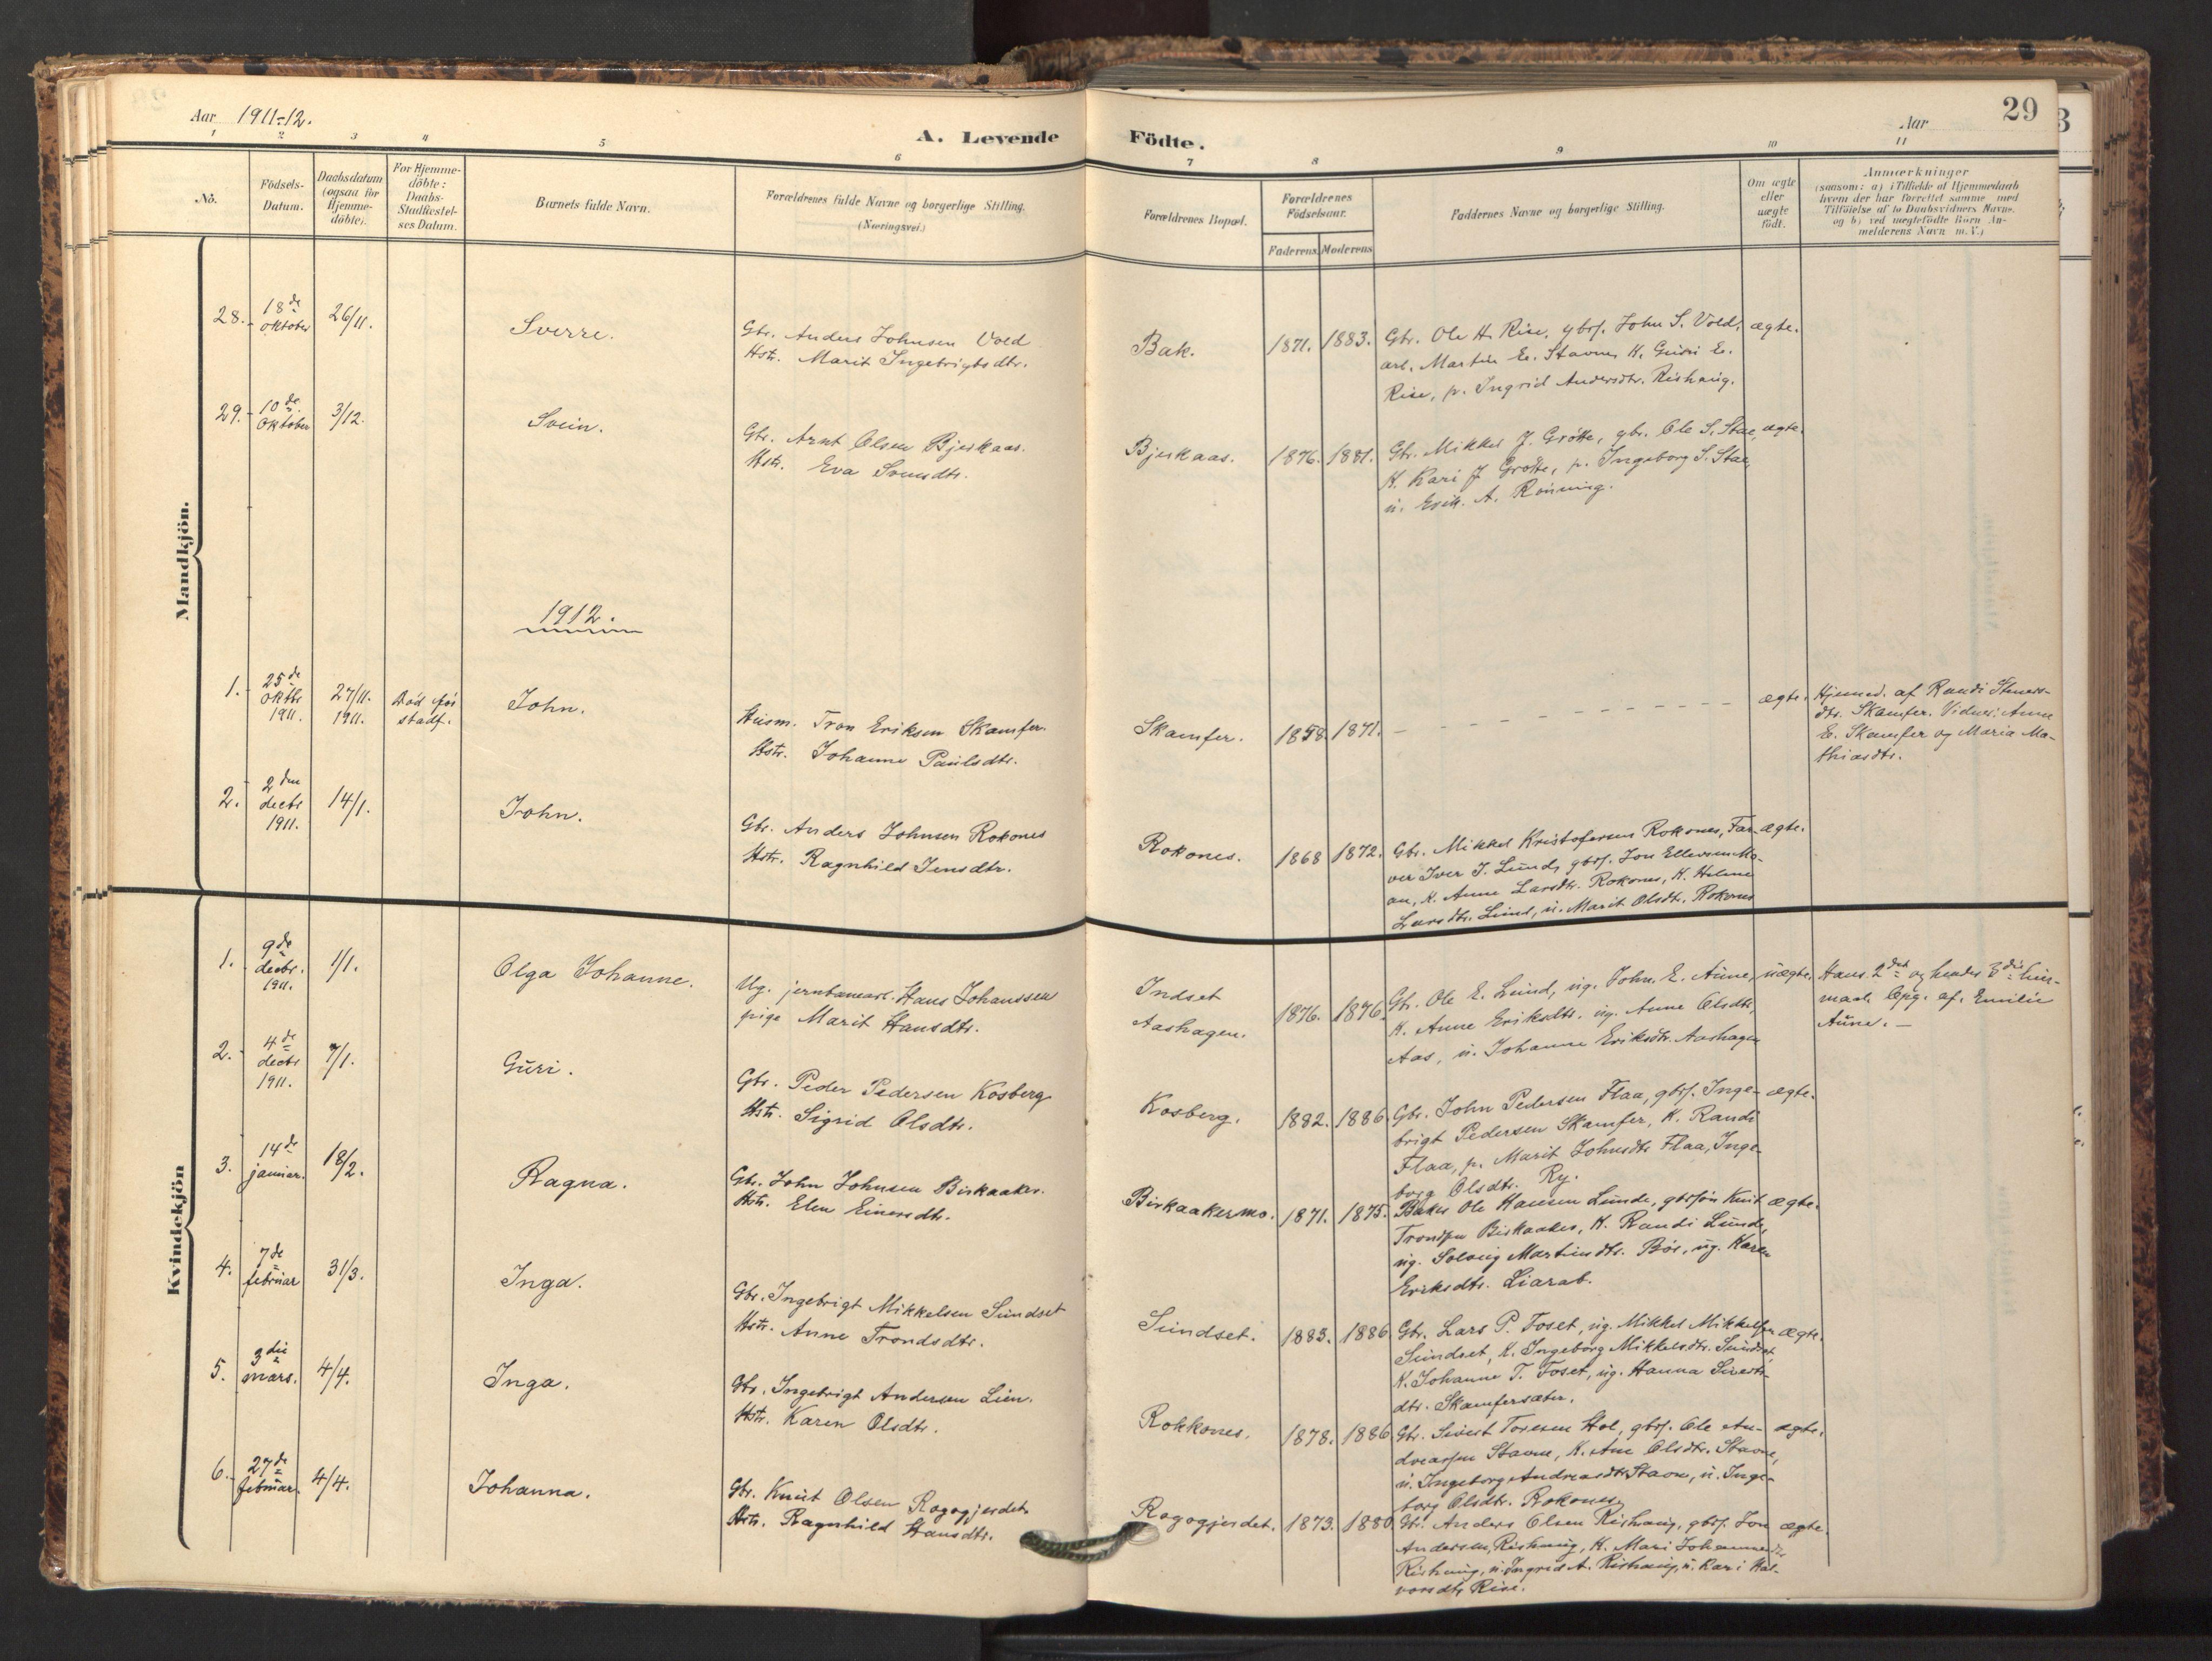 SAT, Ministerialprotokoller, klokkerbøker og fødselsregistre - Sør-Trøndelag, 674/L0873: Ministerialbok nr. 674A05, 1908-1923, s. 29